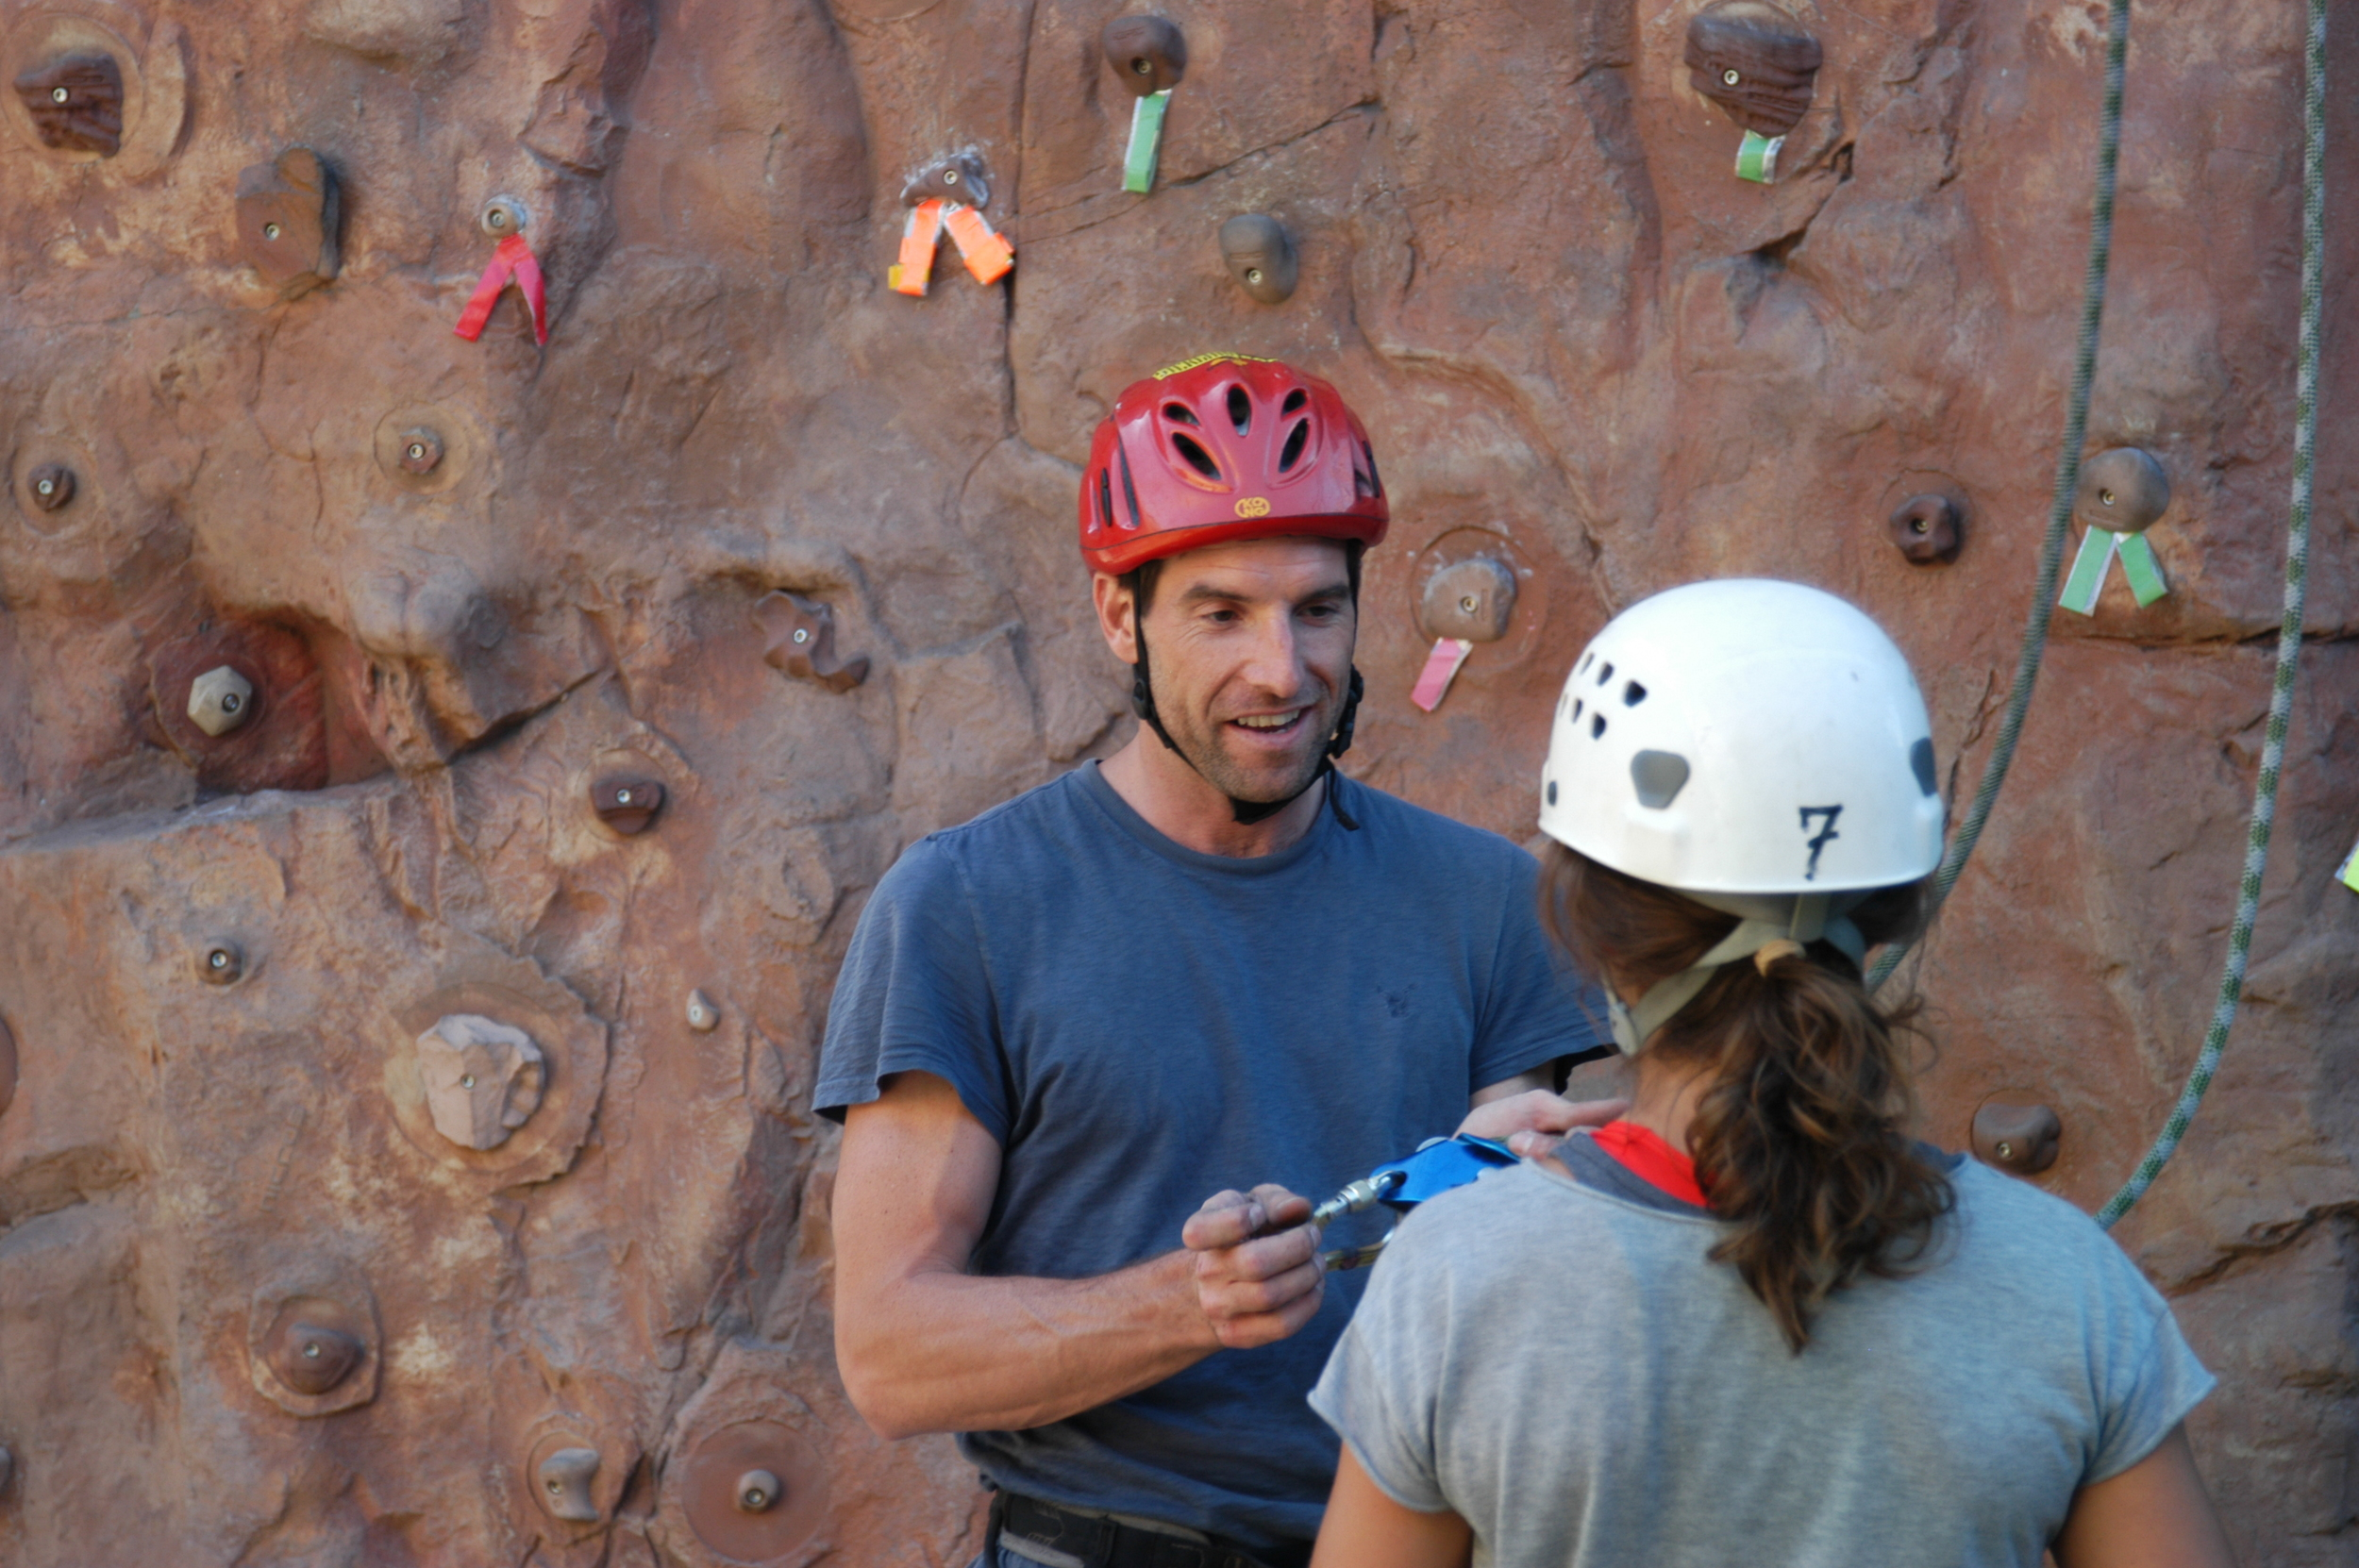 OutdoorFest Blog OB Climbing Wall 4.JPG